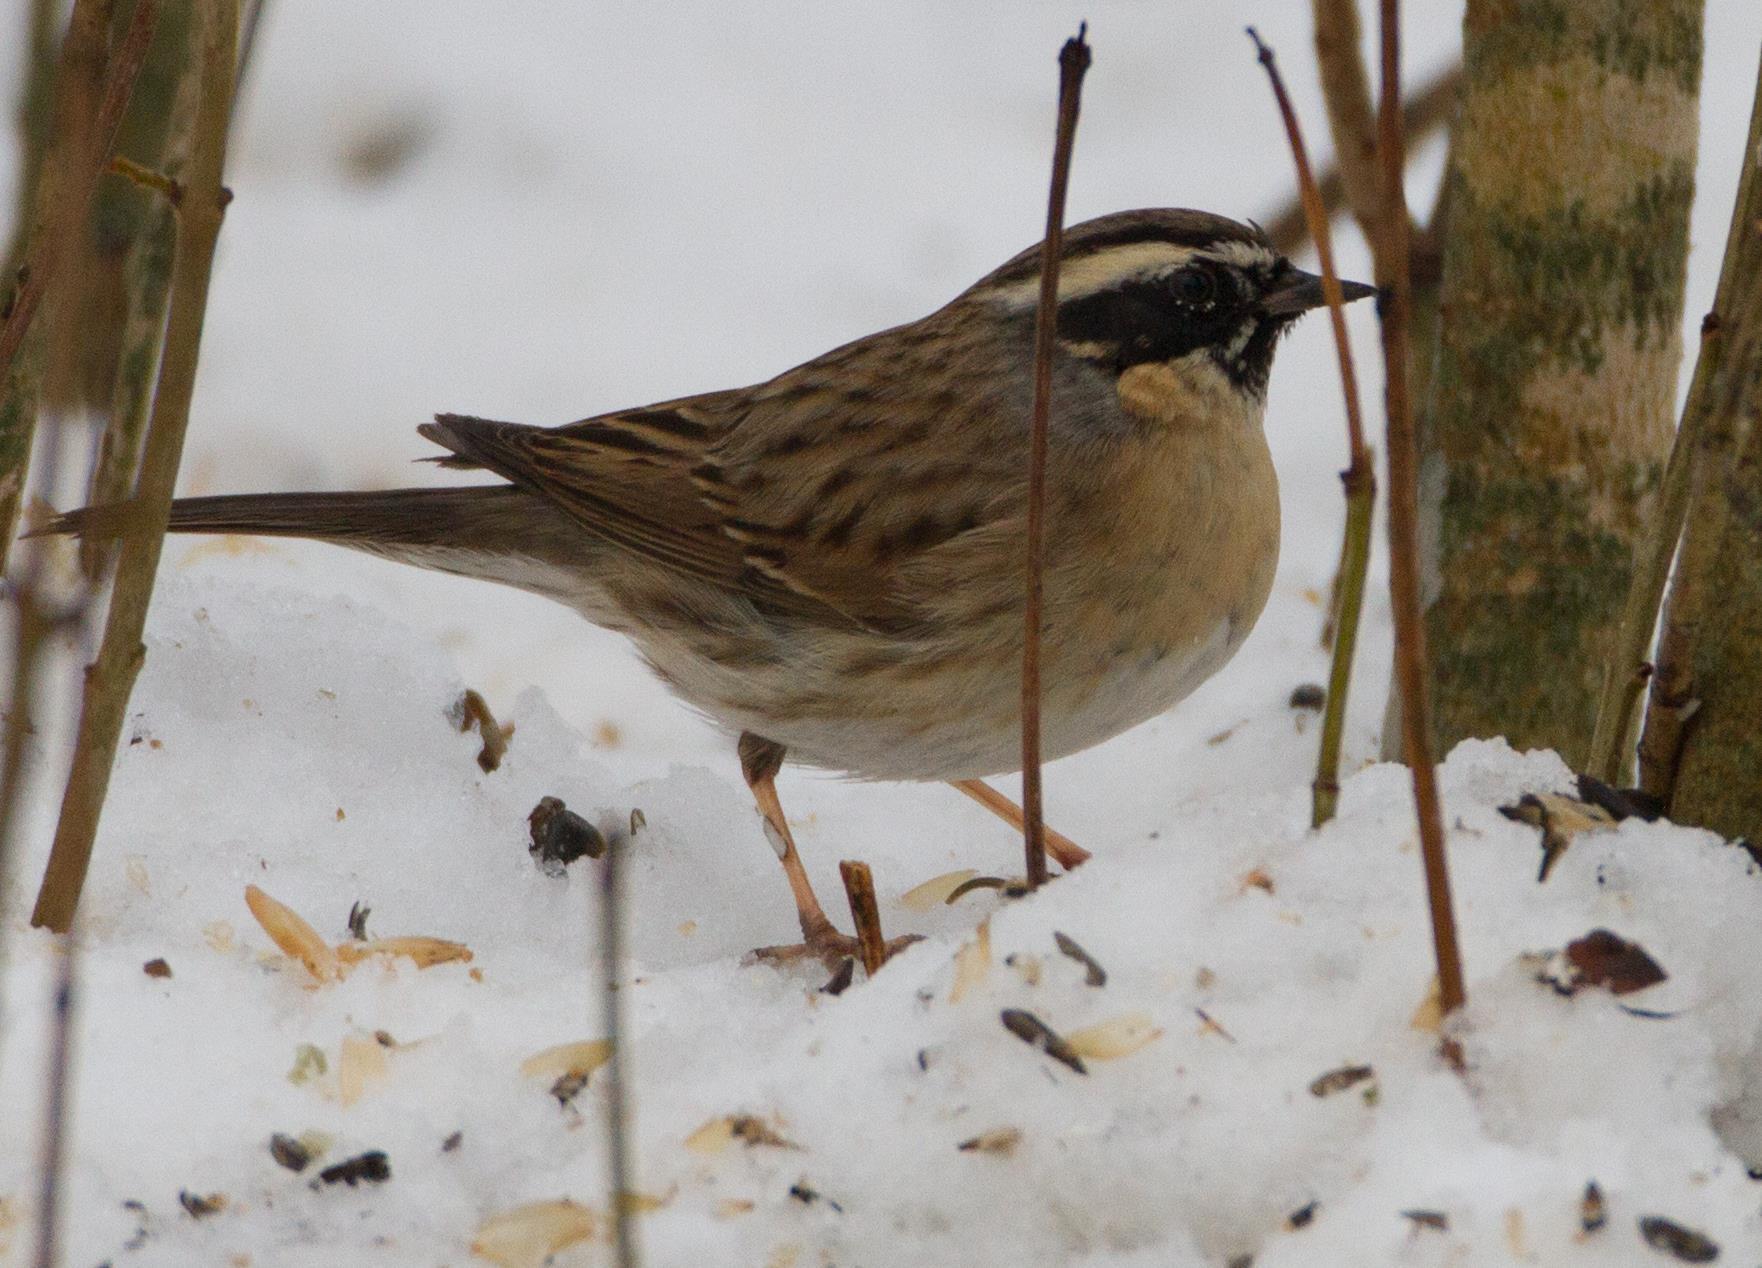 Svartstrupig järnsparv på fågelmatning vid ett bakslag i april